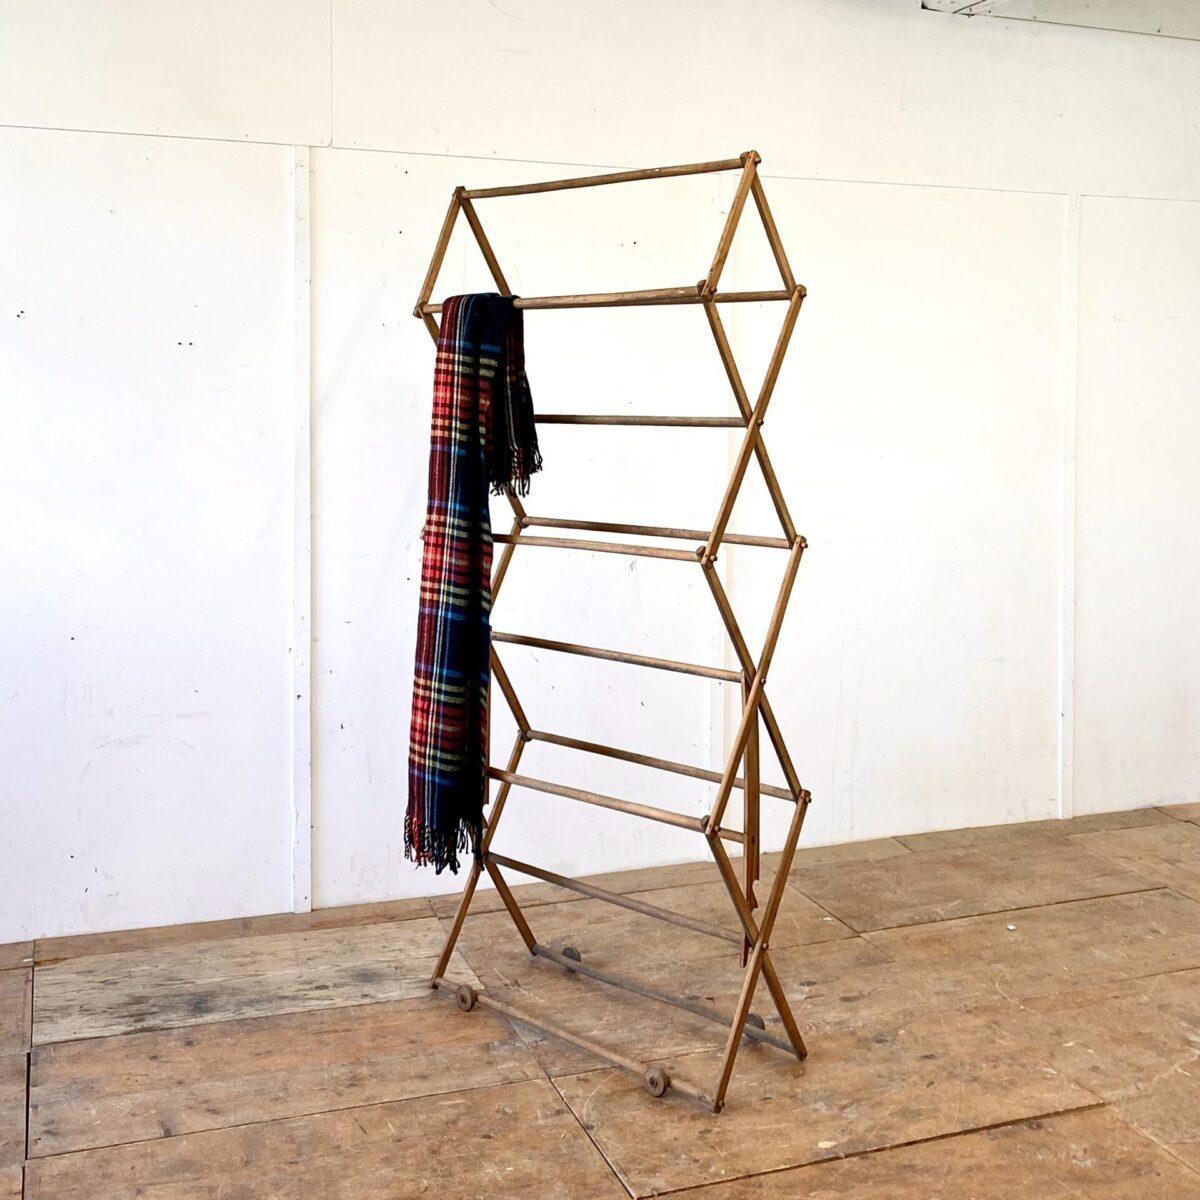 Deuxieme.shop Krawatten Regal. Wäscheständer mit Holz Rollen für Kleider oder Frotté Tücher. 90cm breit höhenverstellbar von 150-190cm.